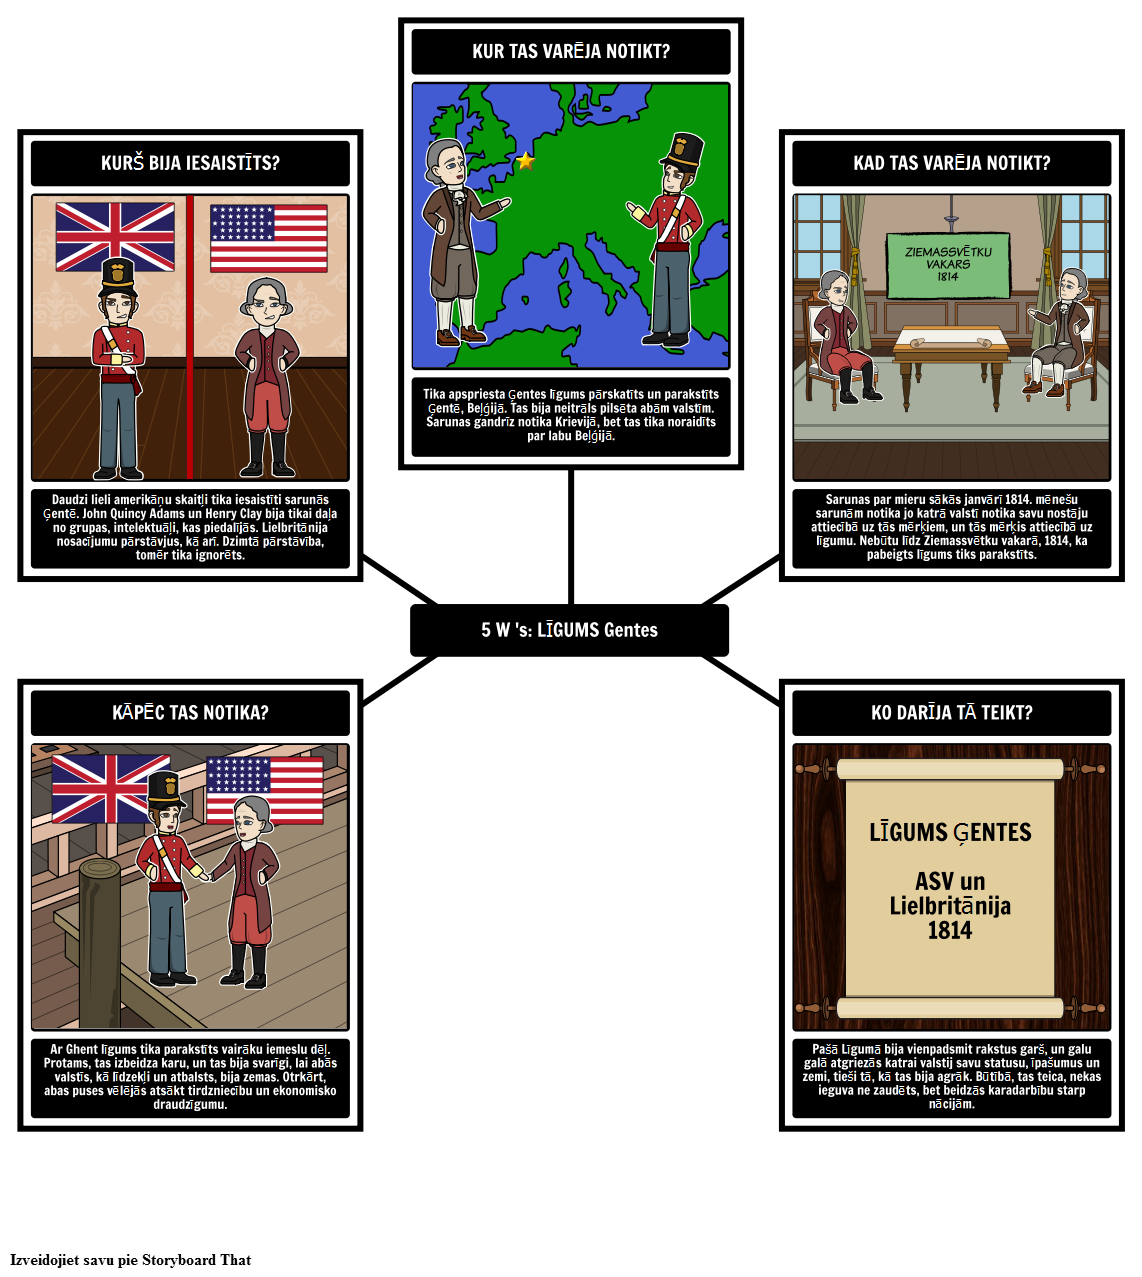 War of 1812 - 5 Ws no Ģentes līguma